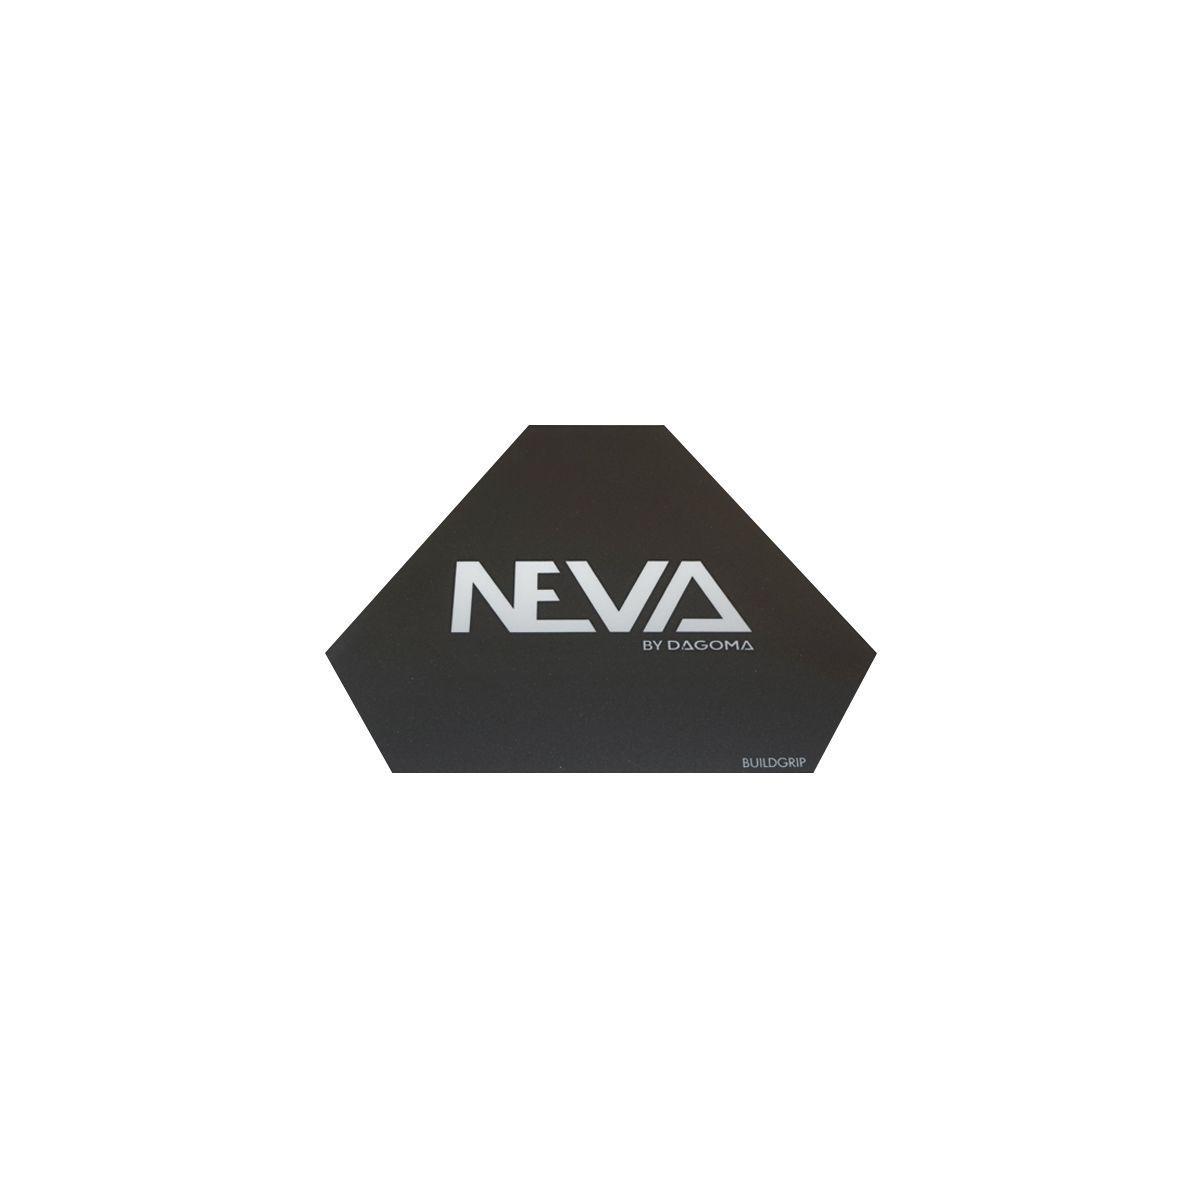 Accessoire imprimante 3d dagoma buildgrip neva - 2% de remise imm�diate avec le code : school2 (photo)